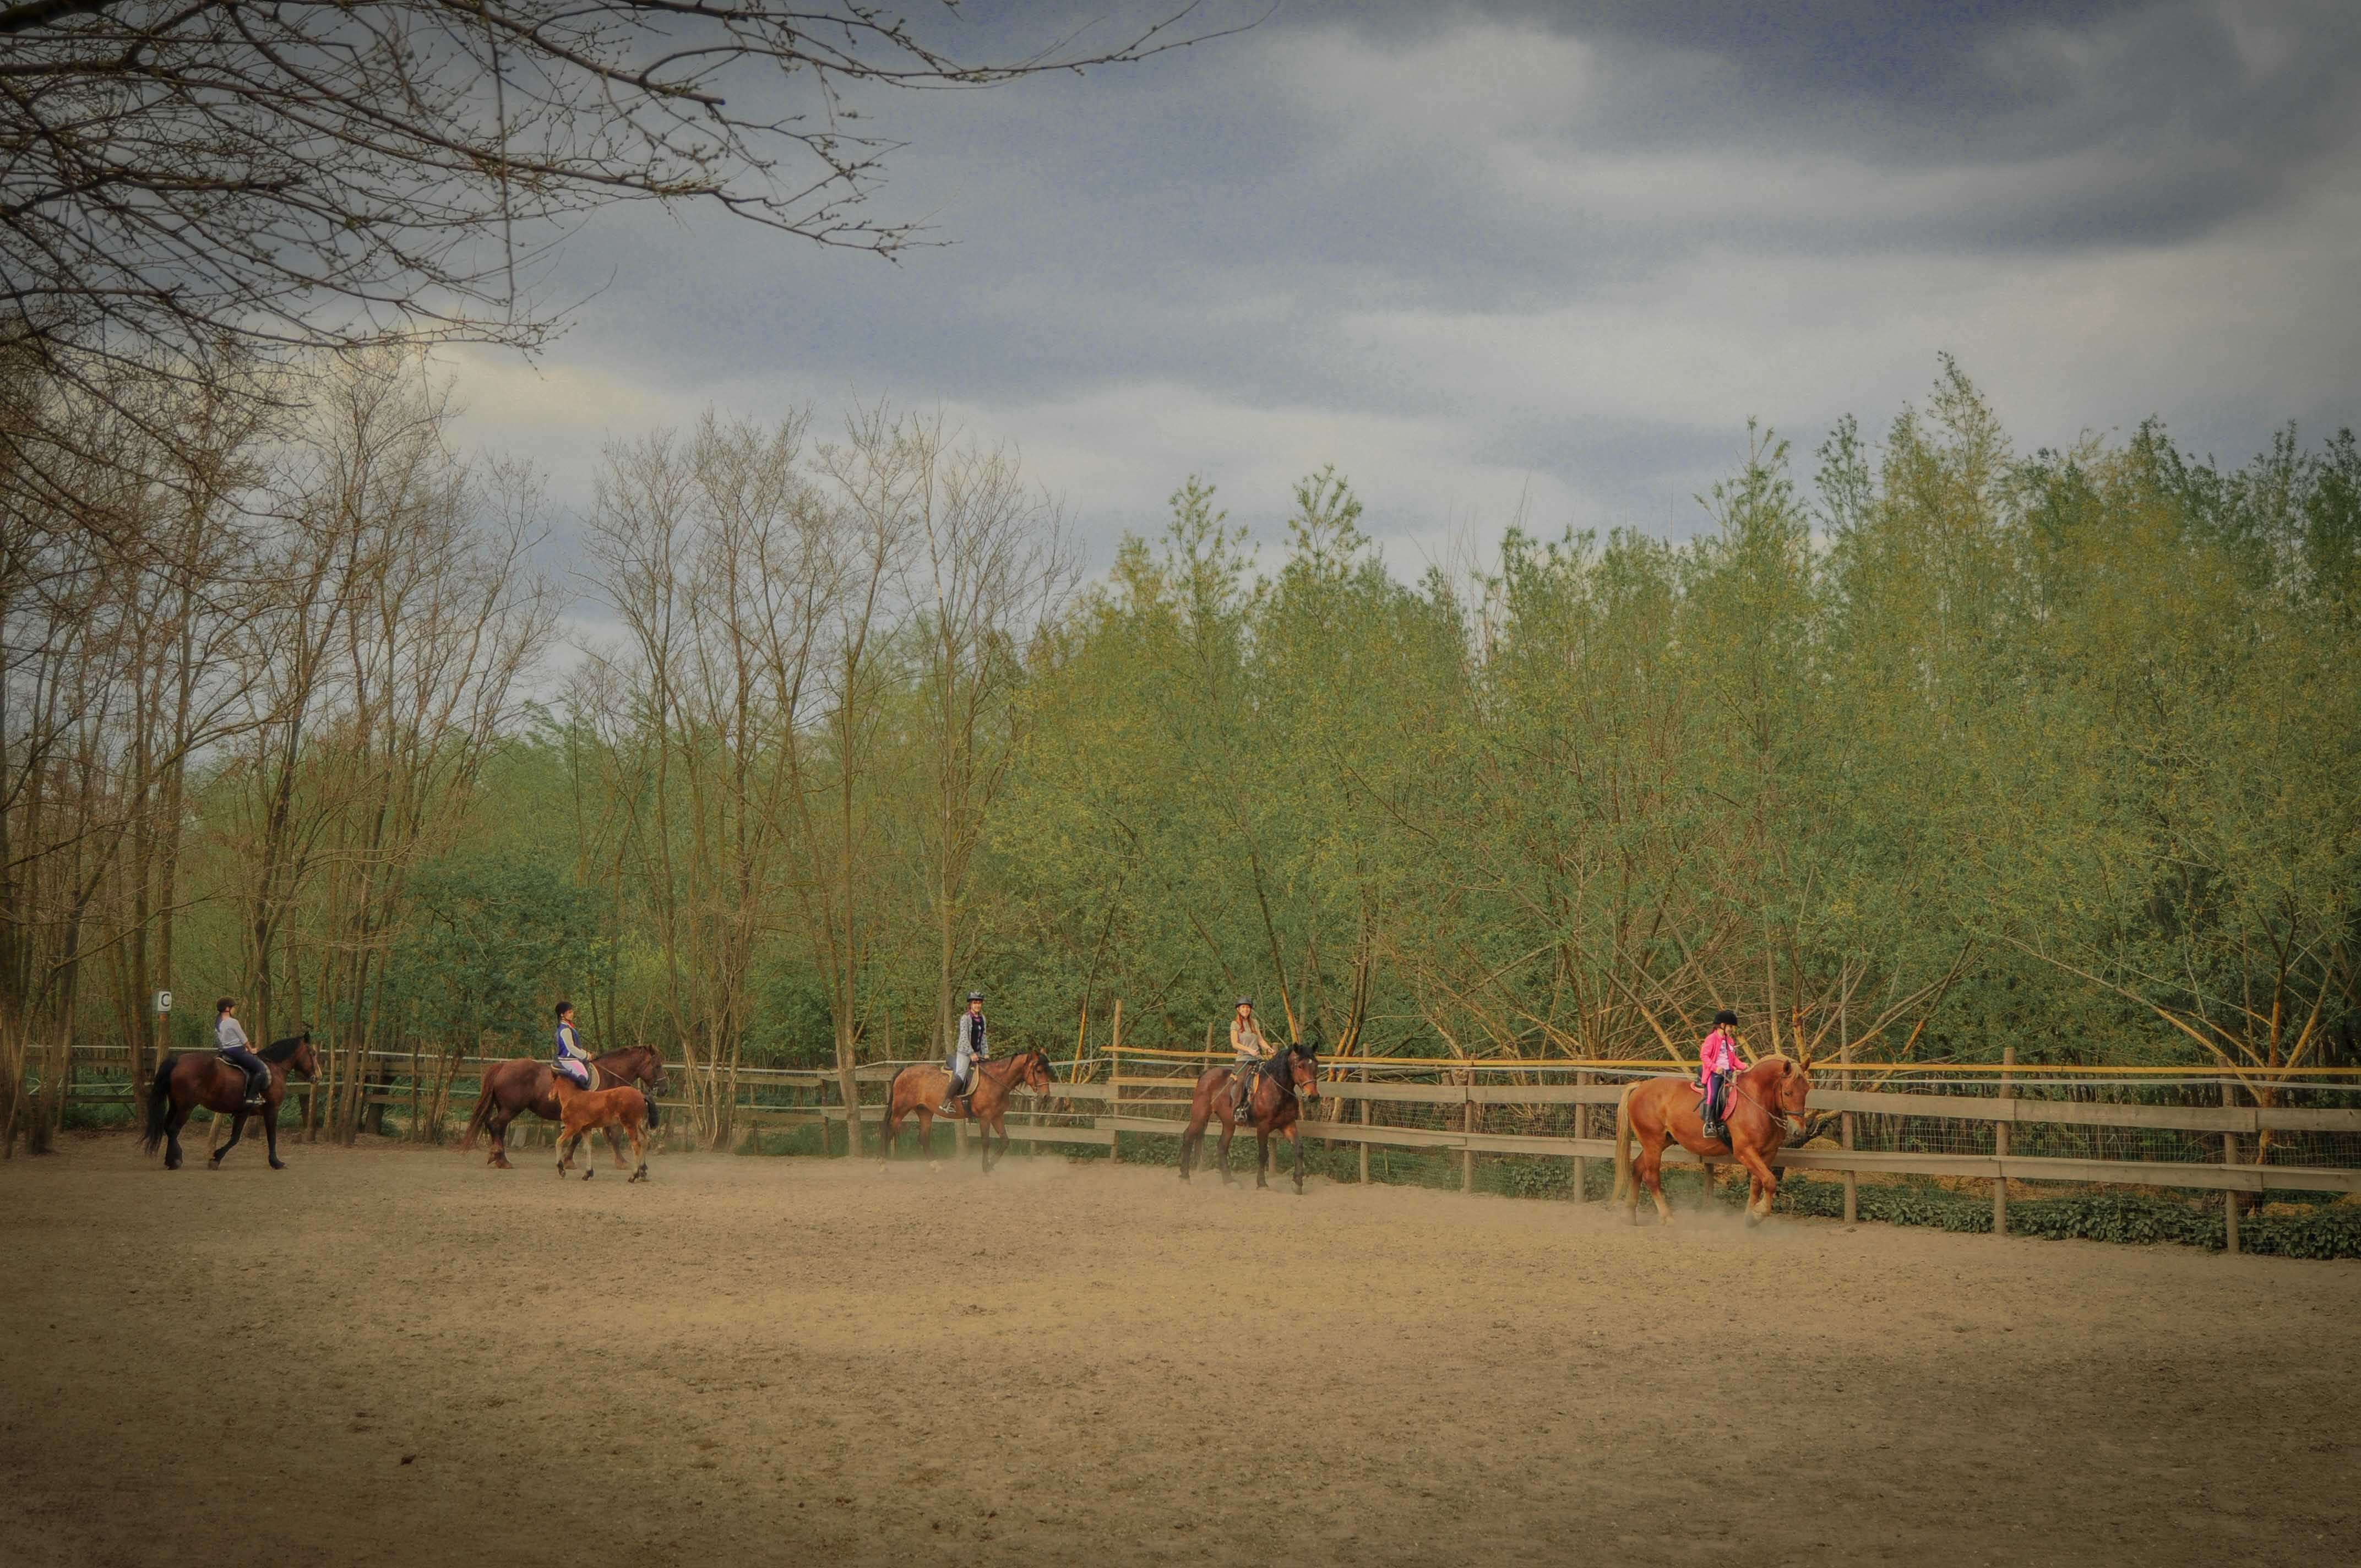 NanaFarm (aka) HorsesLand 22